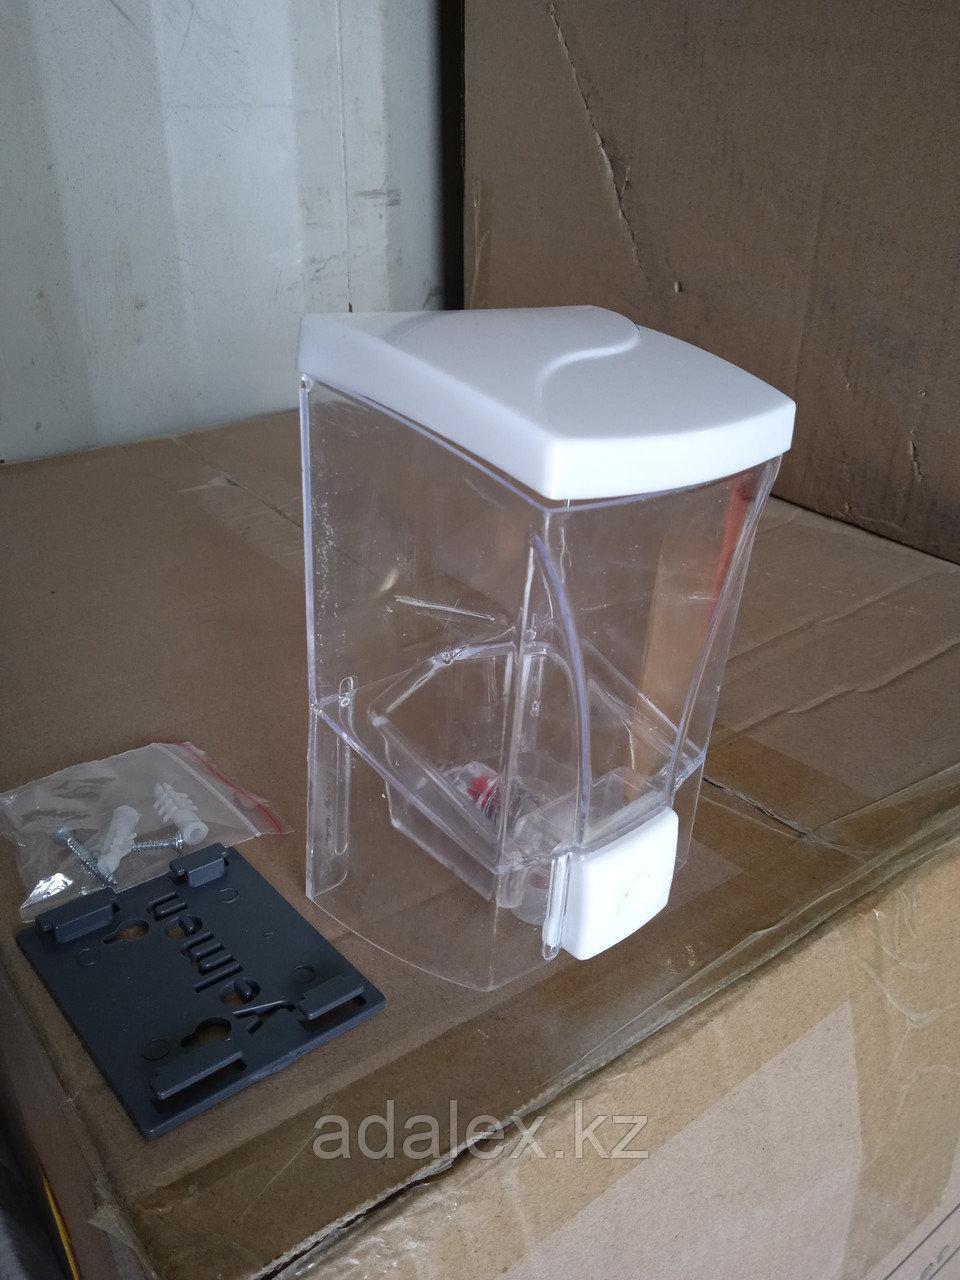 Диспенсер-дозатор для жидкого мыла 0.5л. - фото 3